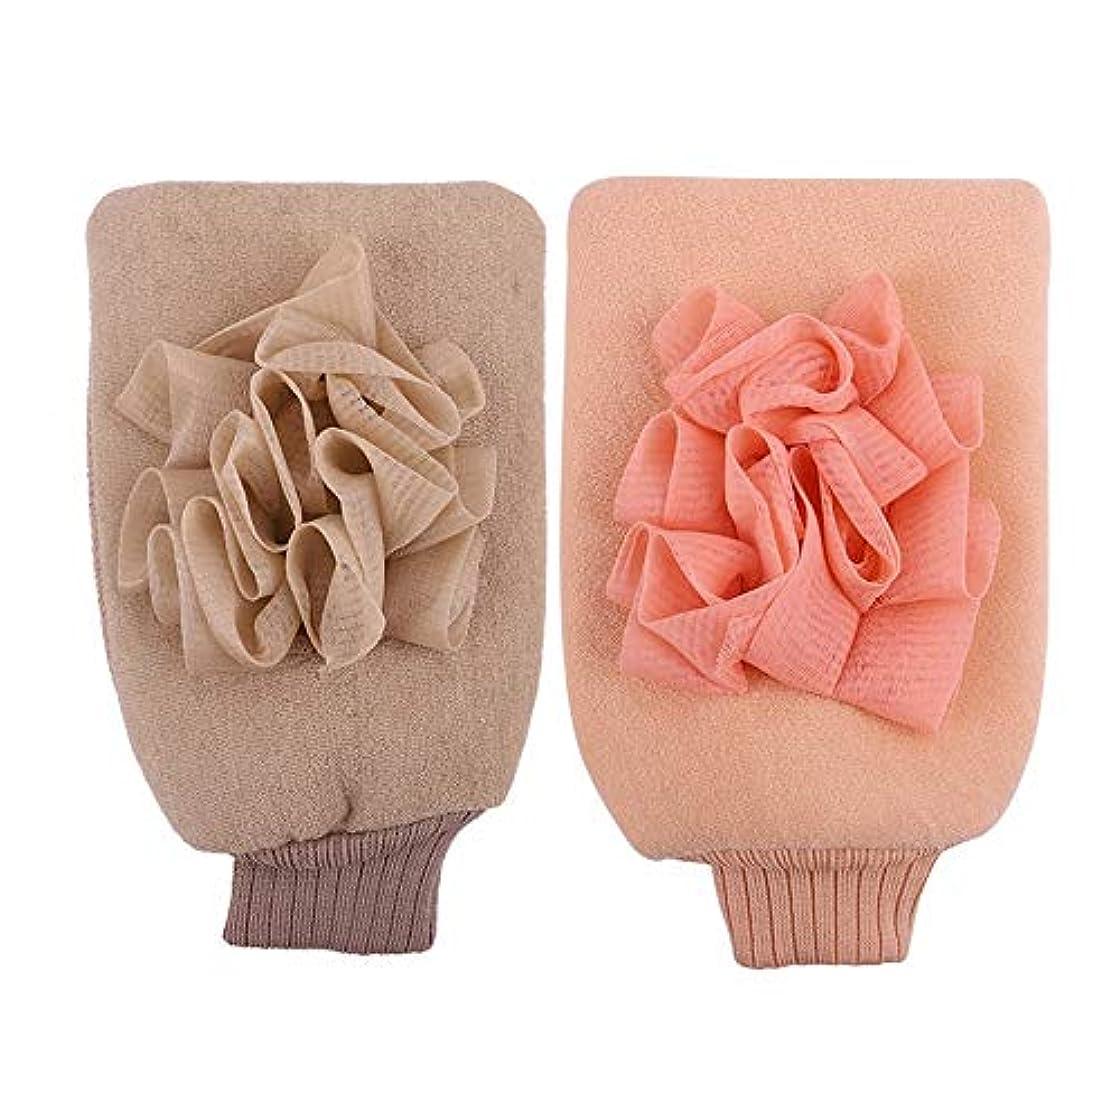 しおれたブレス迫害BTXXYJP お風呂用手袋 シャワー手袋 あかすり手袋 ボディブラシ やわらか ボディタオル バス用品 男女兼用 角質除去 (Color : Pink+beige)